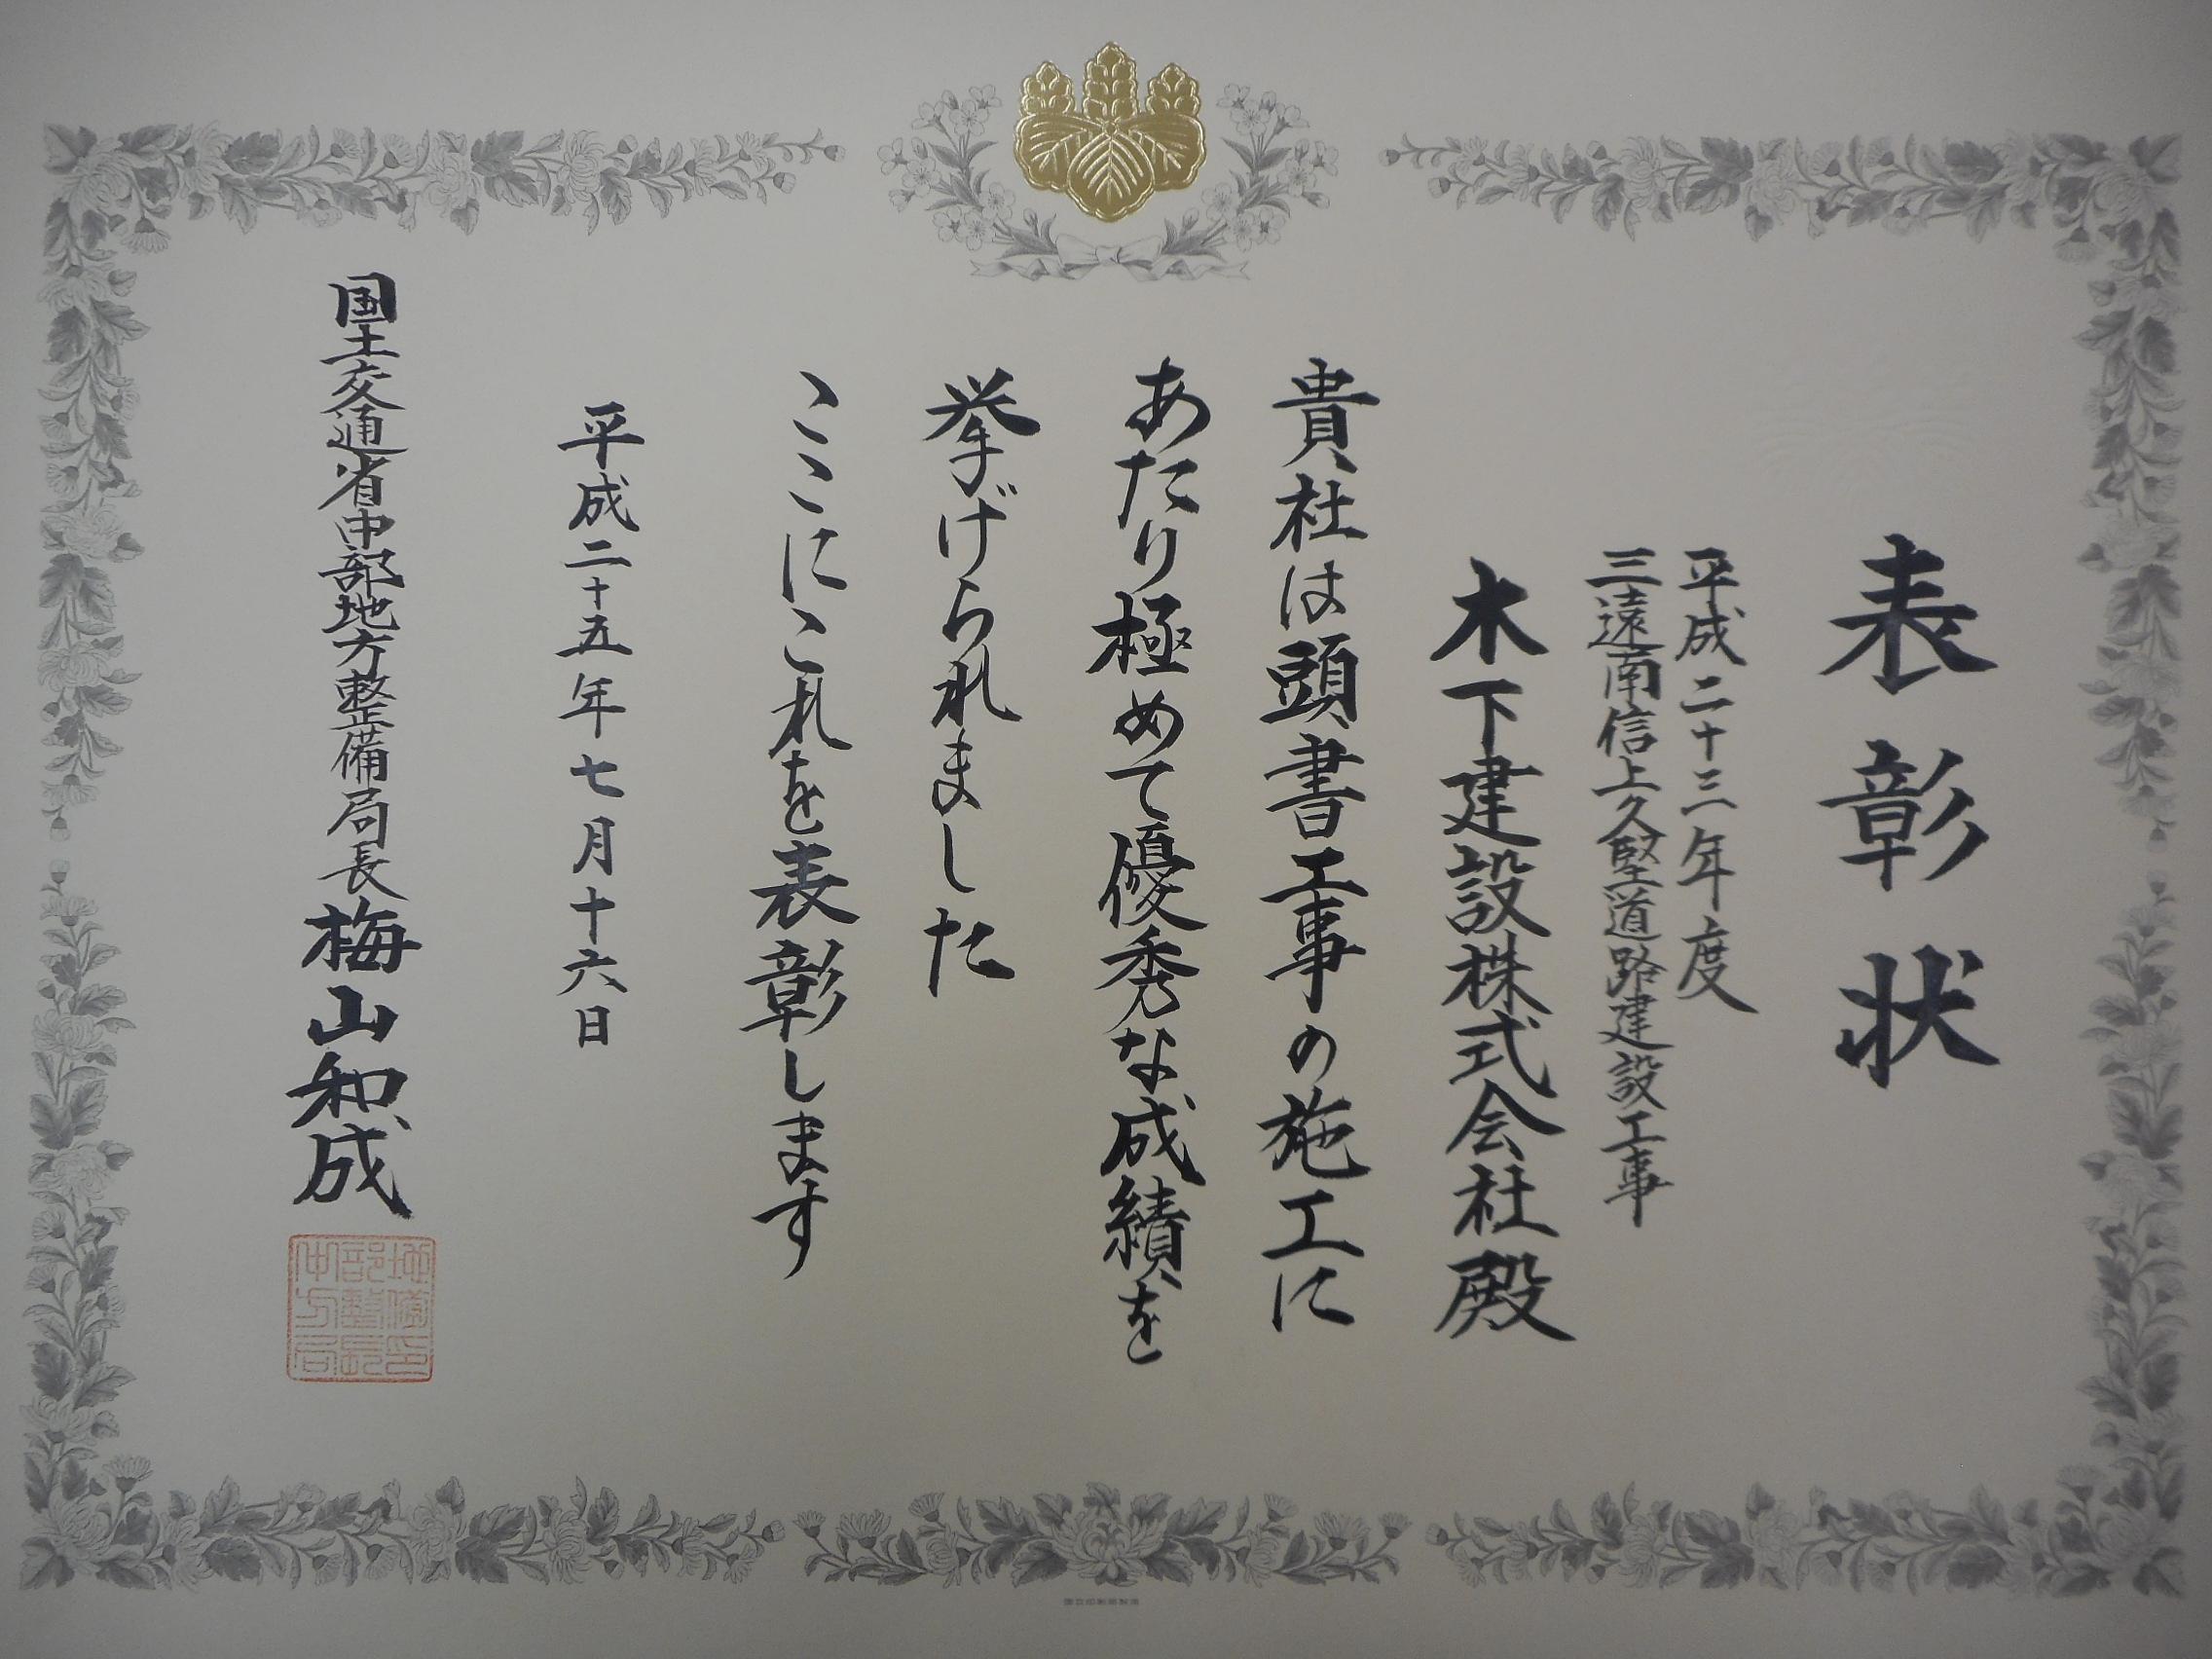 平成25年 局長表彰『成績優秀』